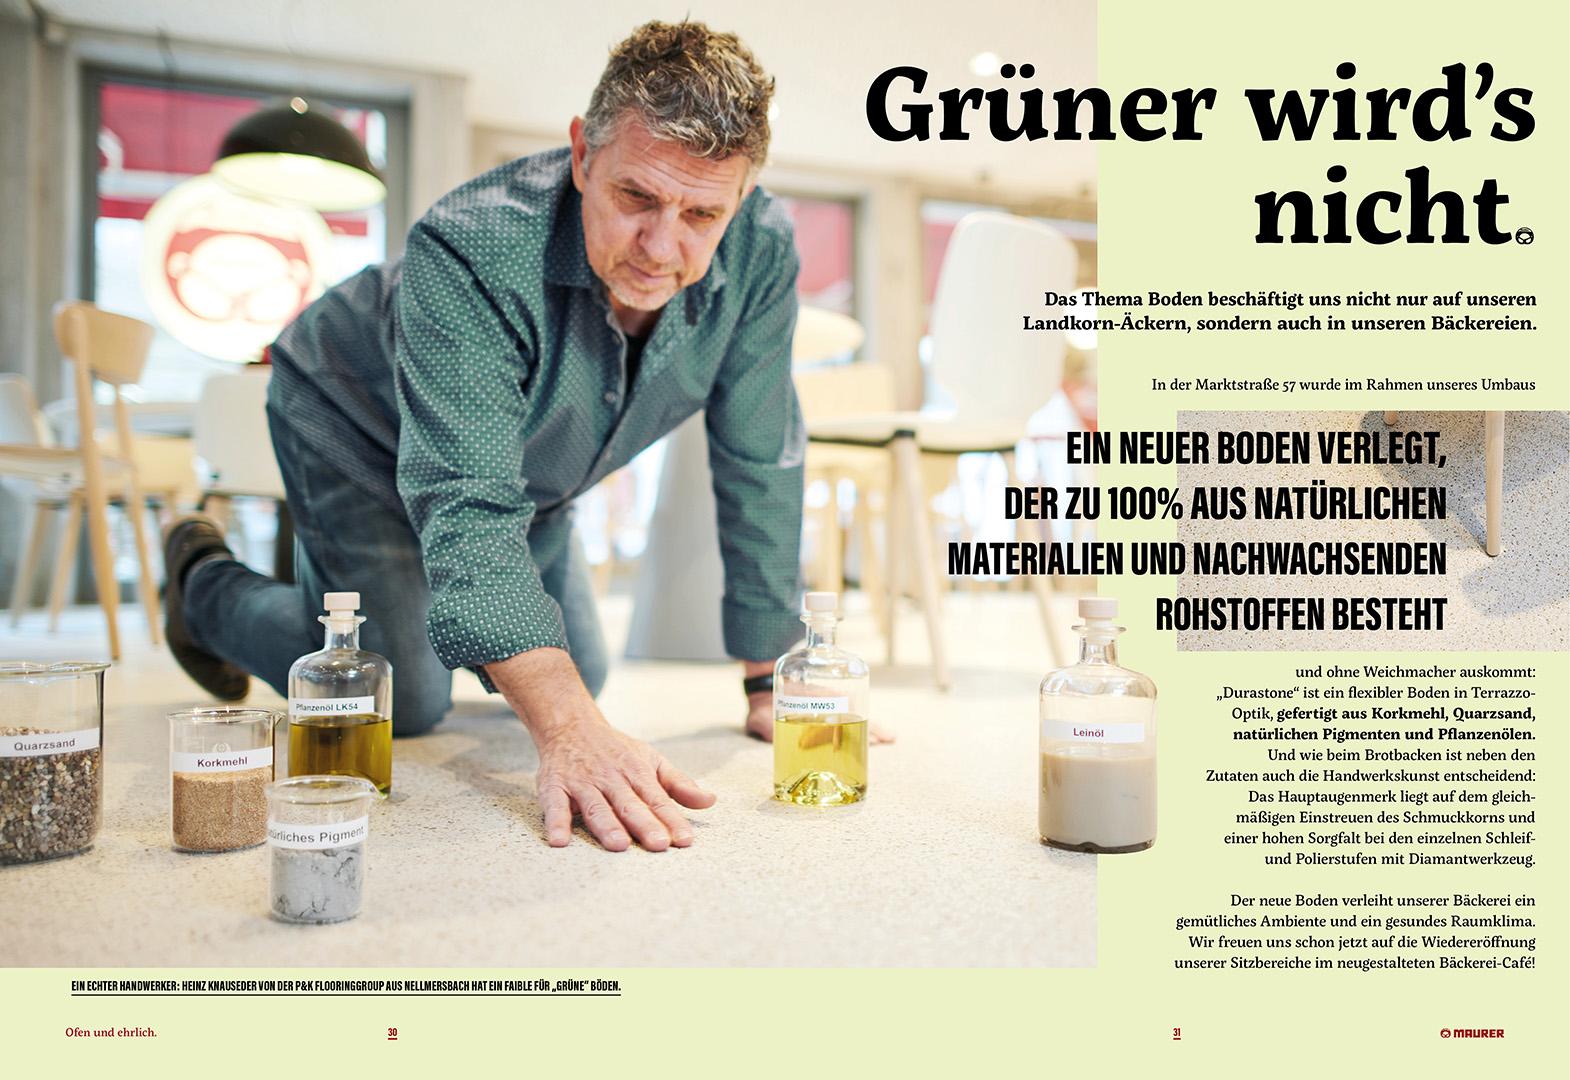 Magazin 03 30 31 1 - P&K verlegt Durastone beim Bäcker Maurer